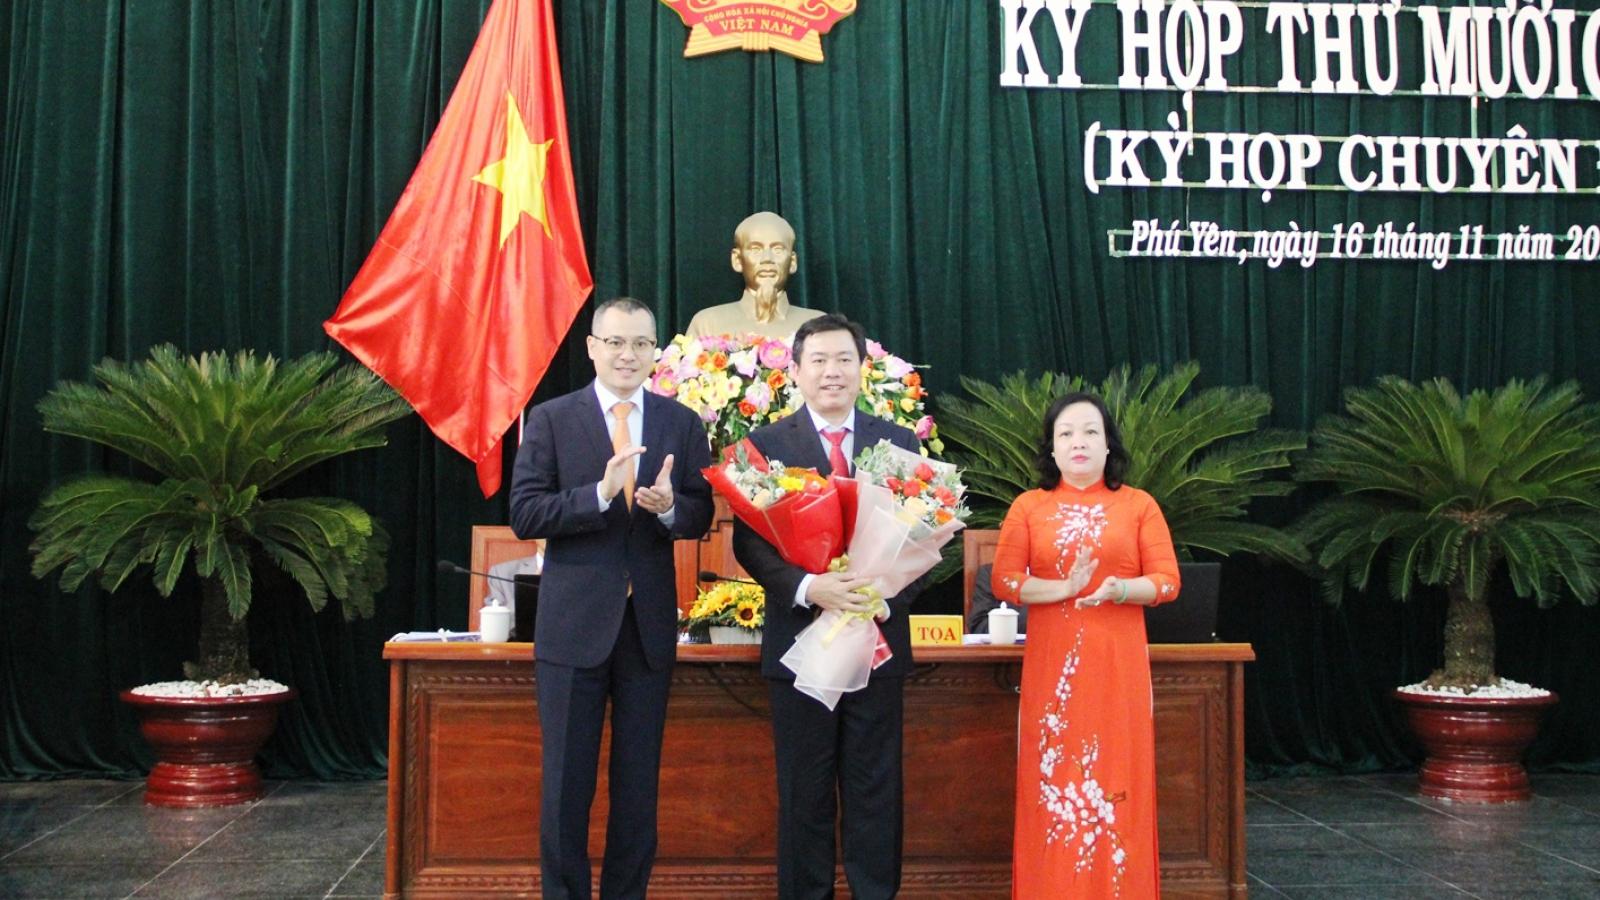 Phú Yên: Chủ tịch HĐND và chủ tịch UBND tỉnh đều trưởng thành từ cán bộ đoàn